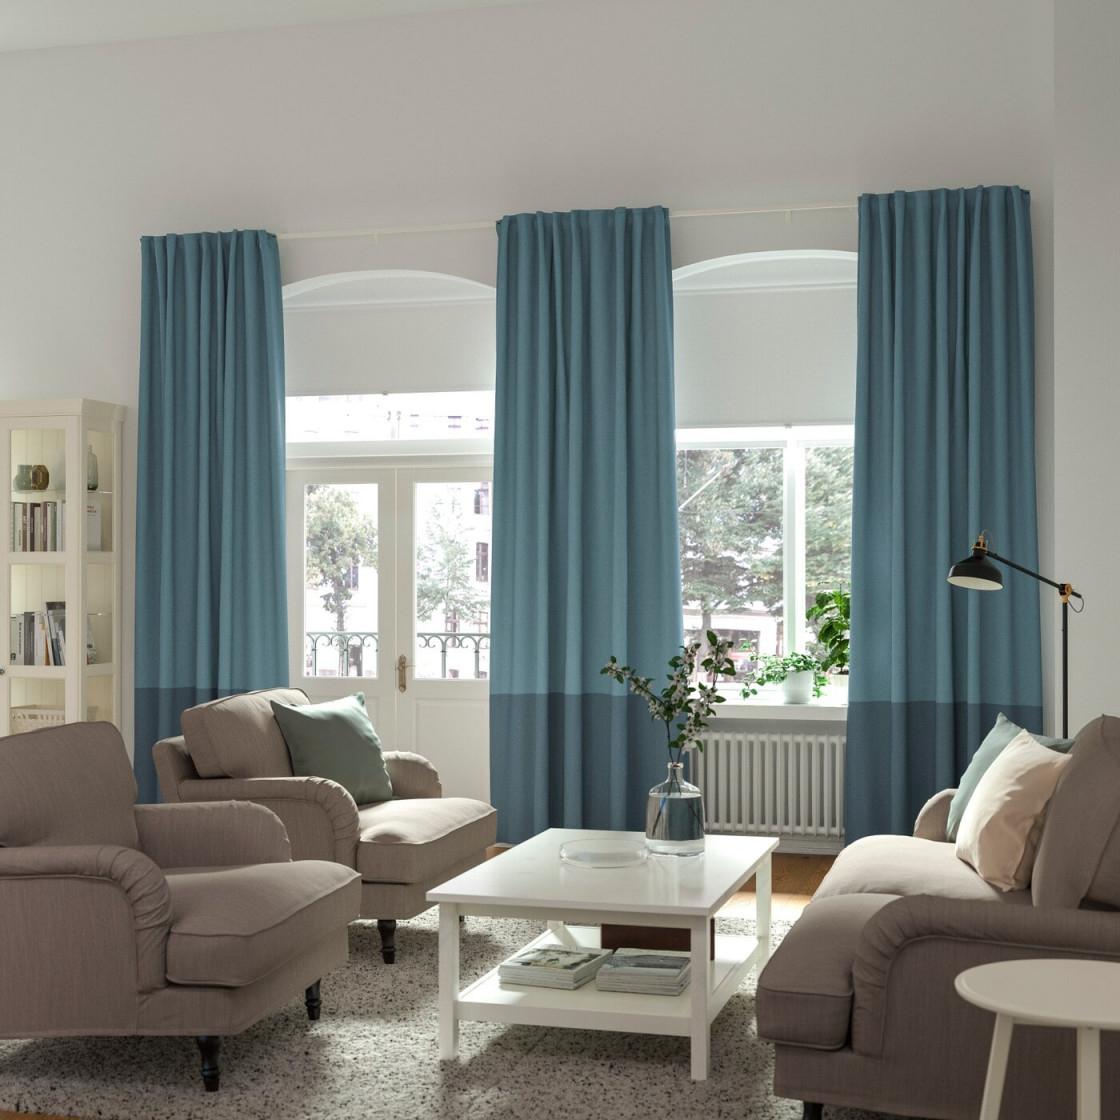 Gardinenideen Inspirationen Für Dein Zuhause  Ikea von Ideen Vorhänge Wohnzimmer Photo